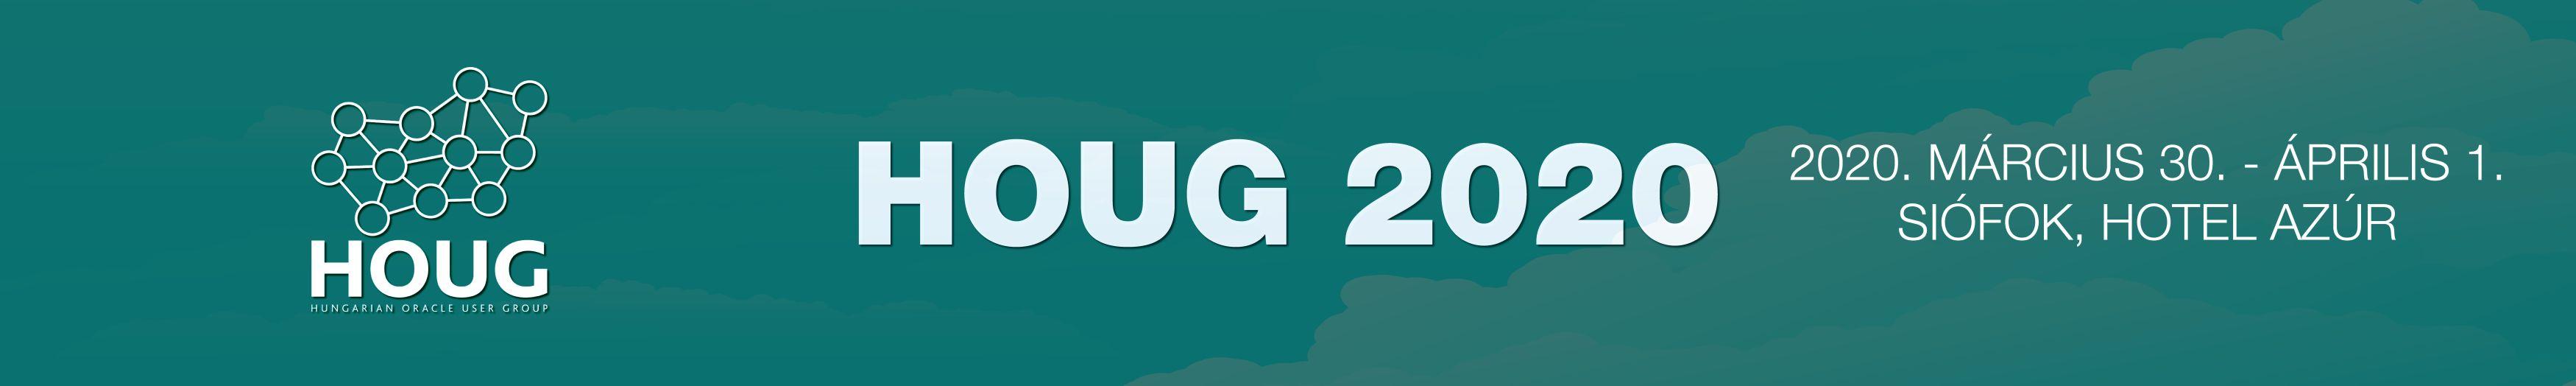 HOUG2020